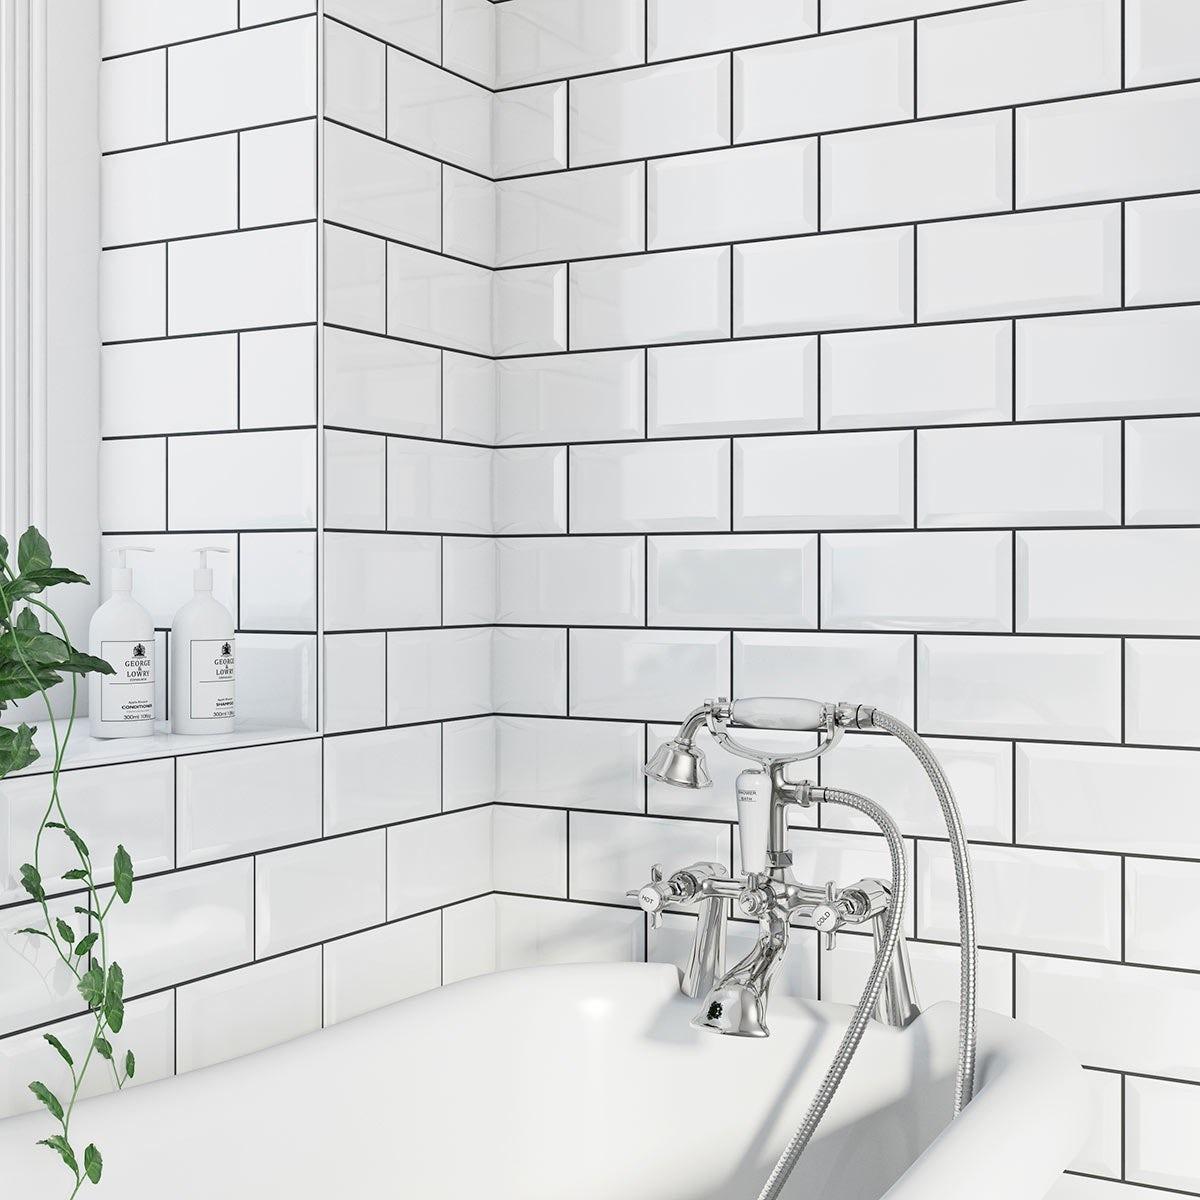 British Ceramic Tile Metro bevel white gloss tile 100mm x 200mm